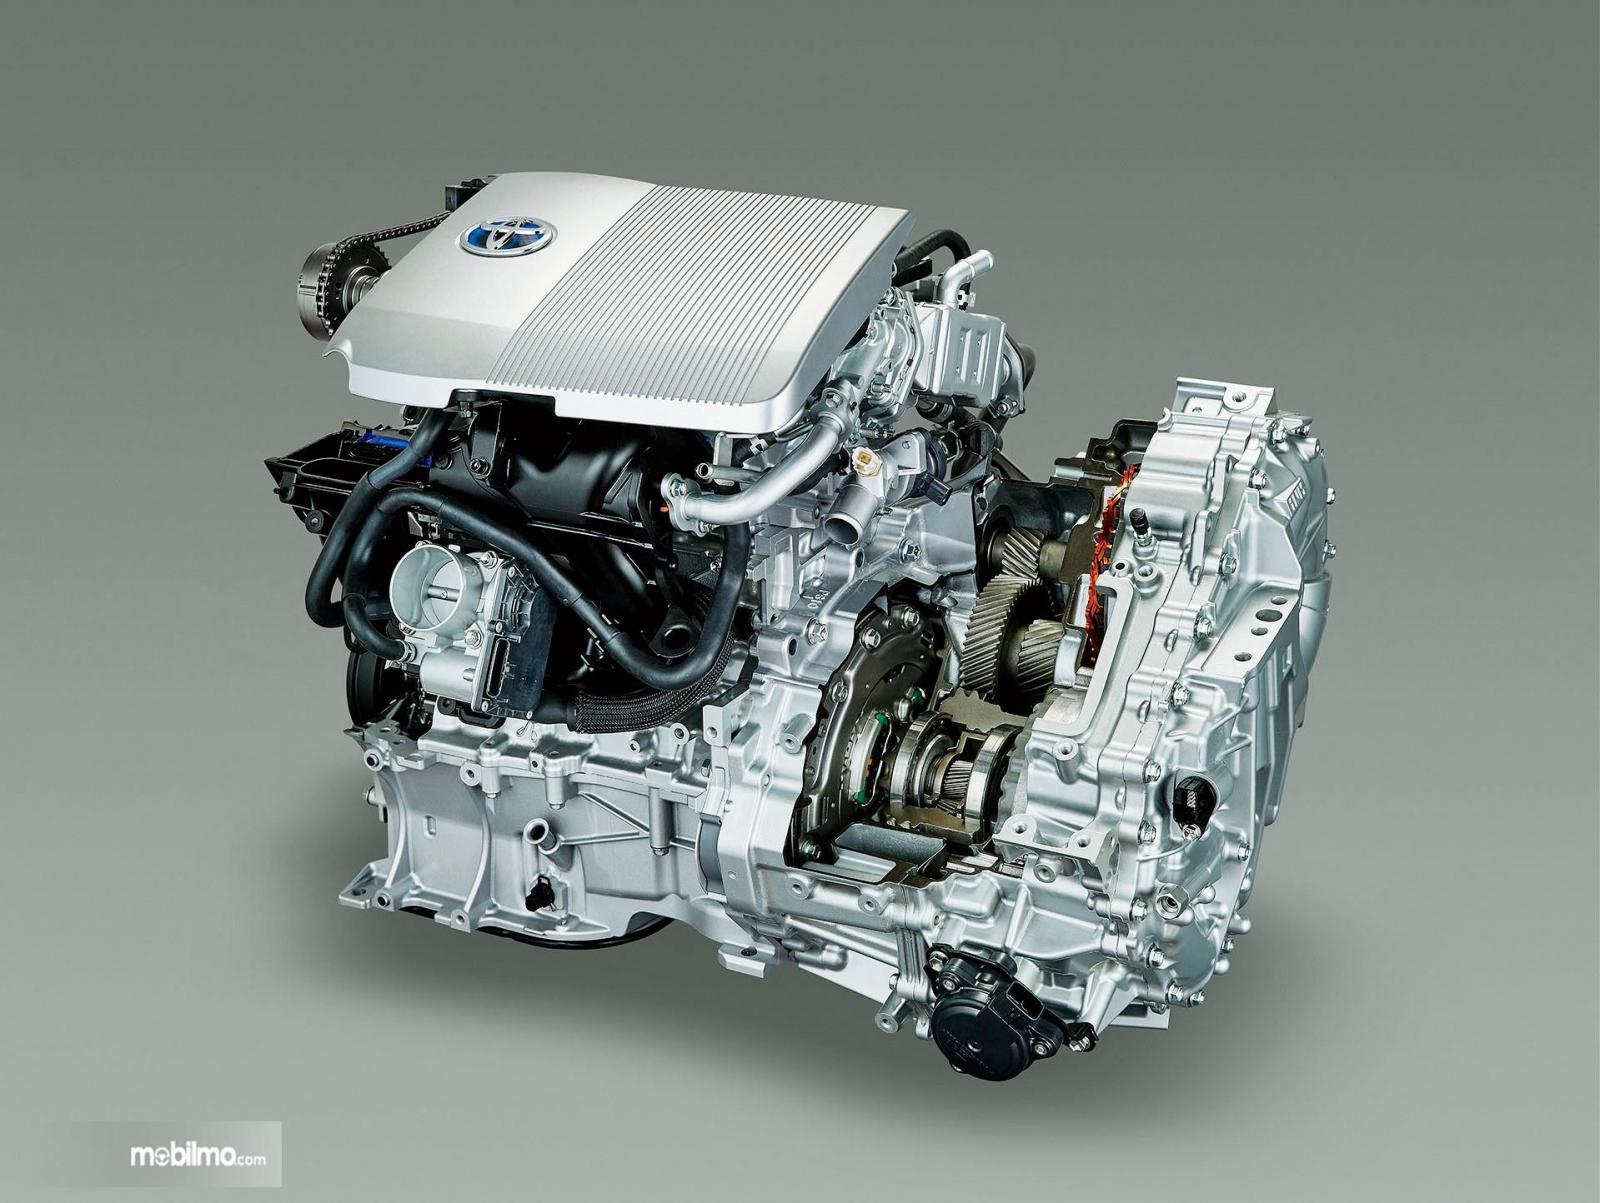 Foto salah satu Mesin Hybrid Toyota, teknologinya bakal bisa diakses secara gratis